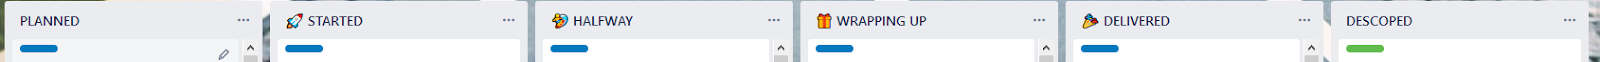 , Tracking Progress with a Key Deliverables Board in Trello: Unito onUnito